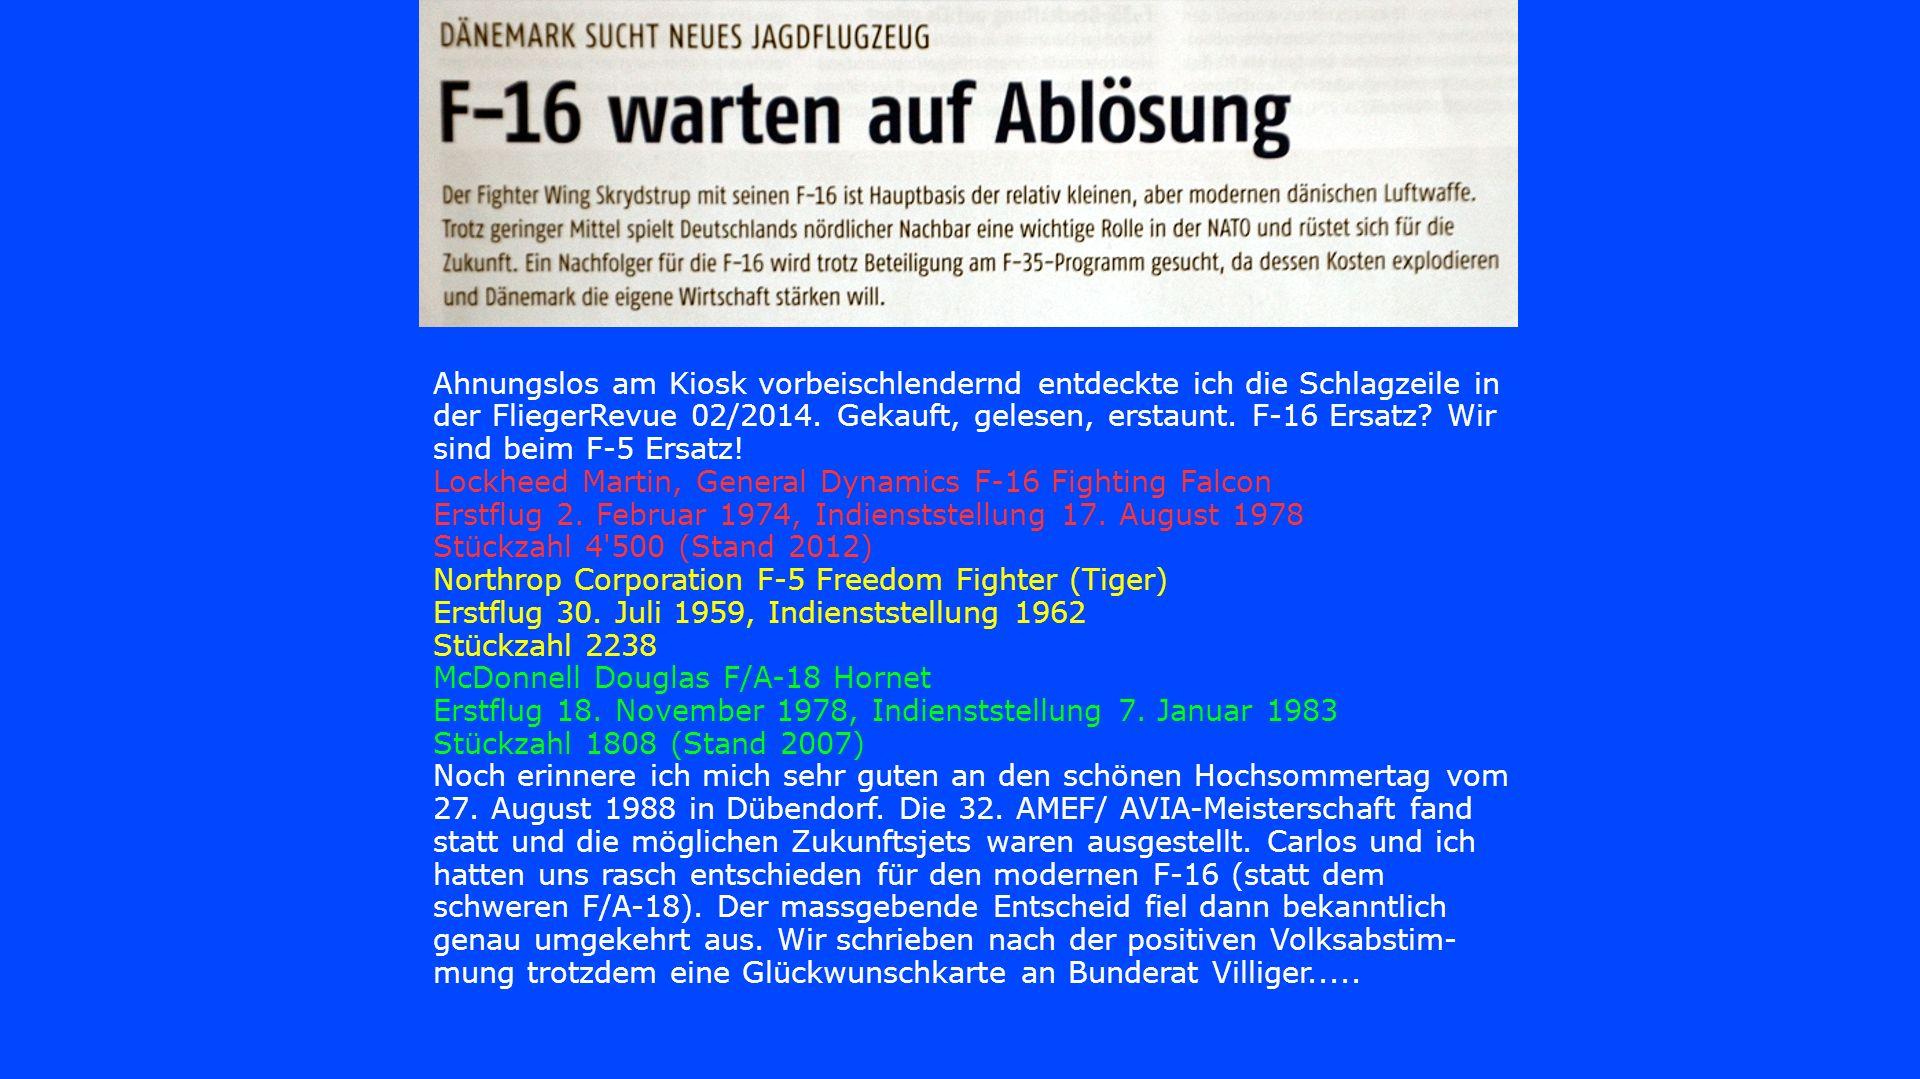 Ahnungslos am Kiosk vorbeischlendernd entdeckte ich die Schlagzeile in der FliegerRevue 02/2014. Gekauft, gelesen, erstaunt. F-16 Ersatz Wir sind beim F-5 Ersatz!